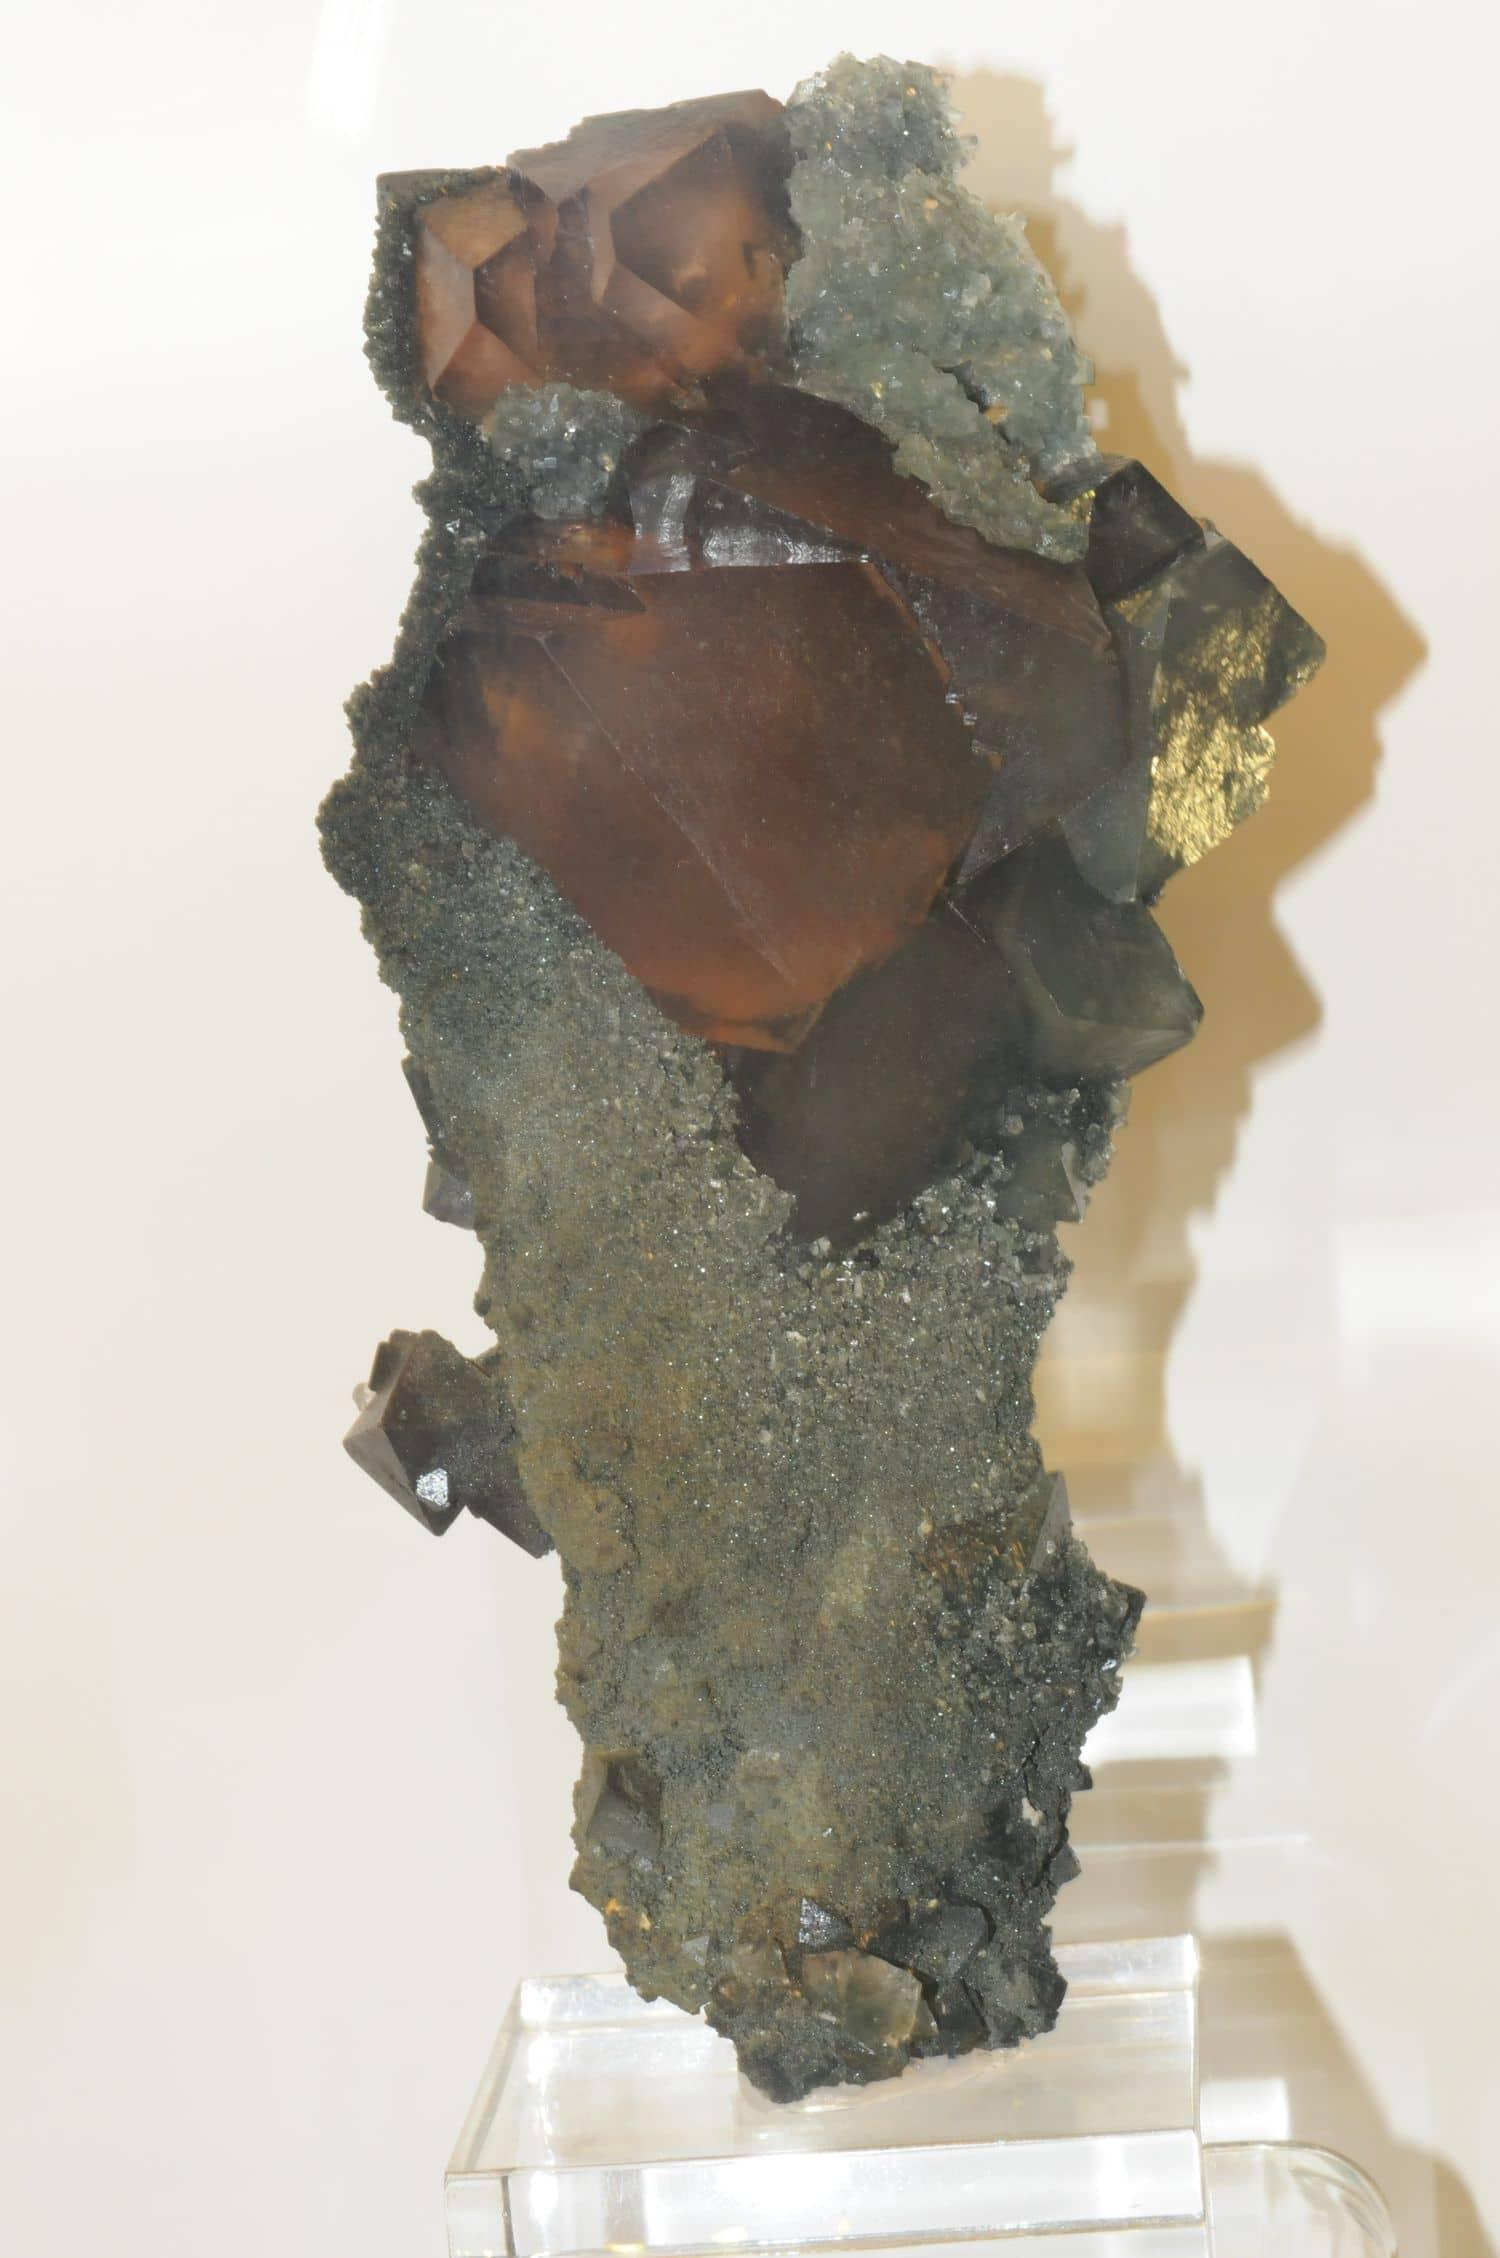 Fluorine et Apophyllite du Gothard (Suisse).